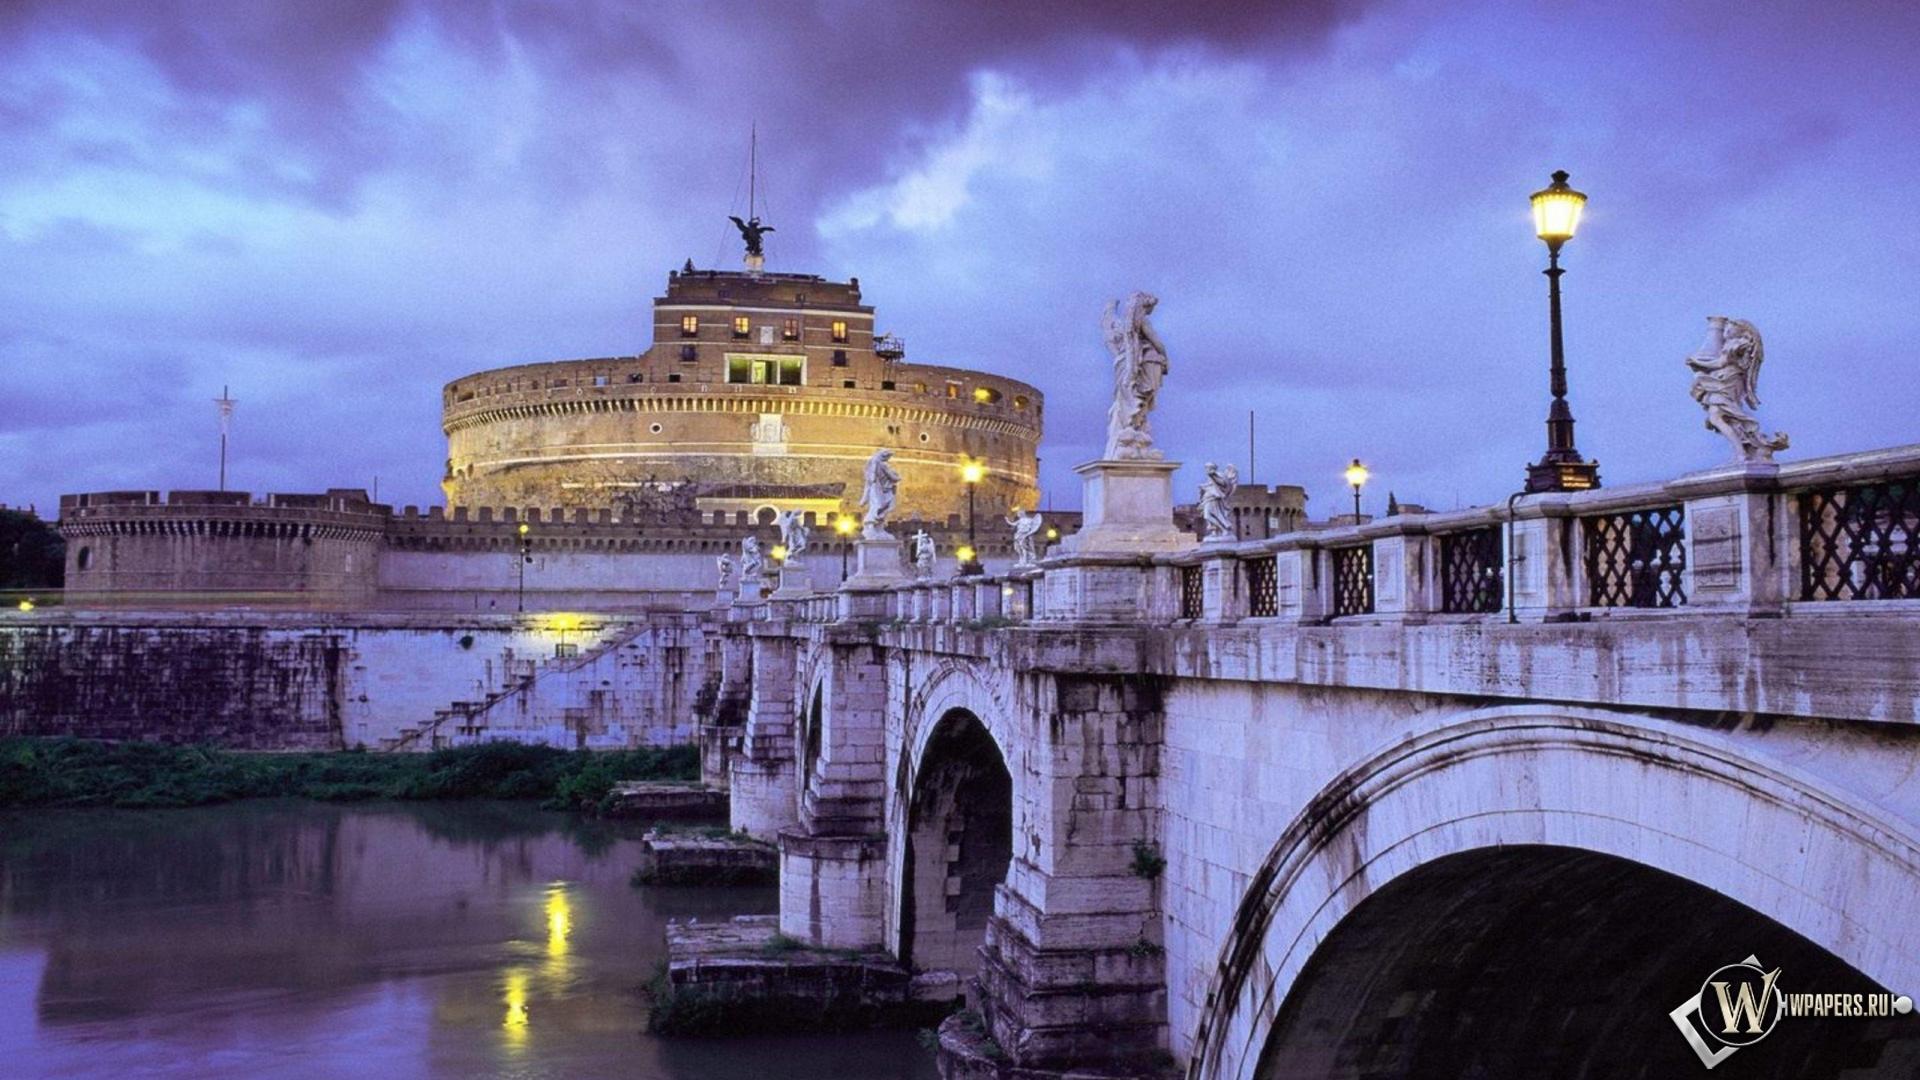 Италия рим мост замок италия рим